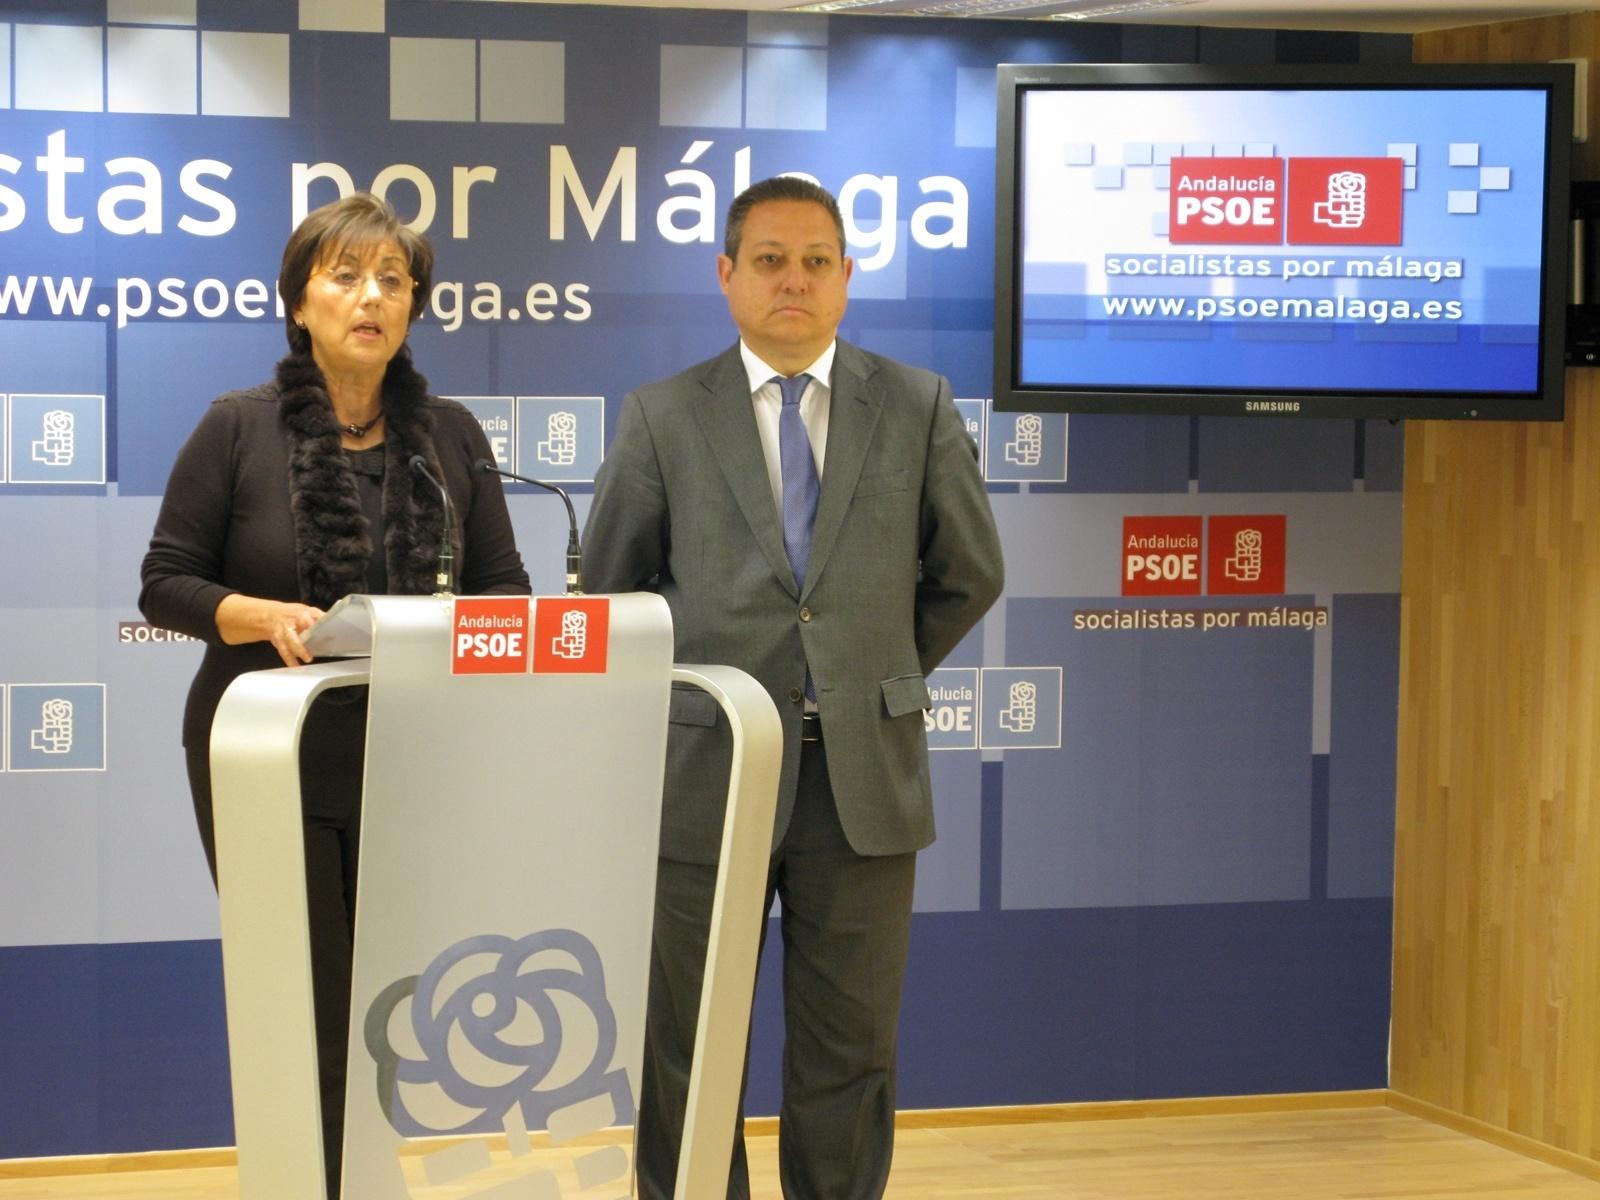 El PSOE exigirá al Gobierno que pague 300 millones a Andalucía al anular «de hecho» el impuesto a la banca